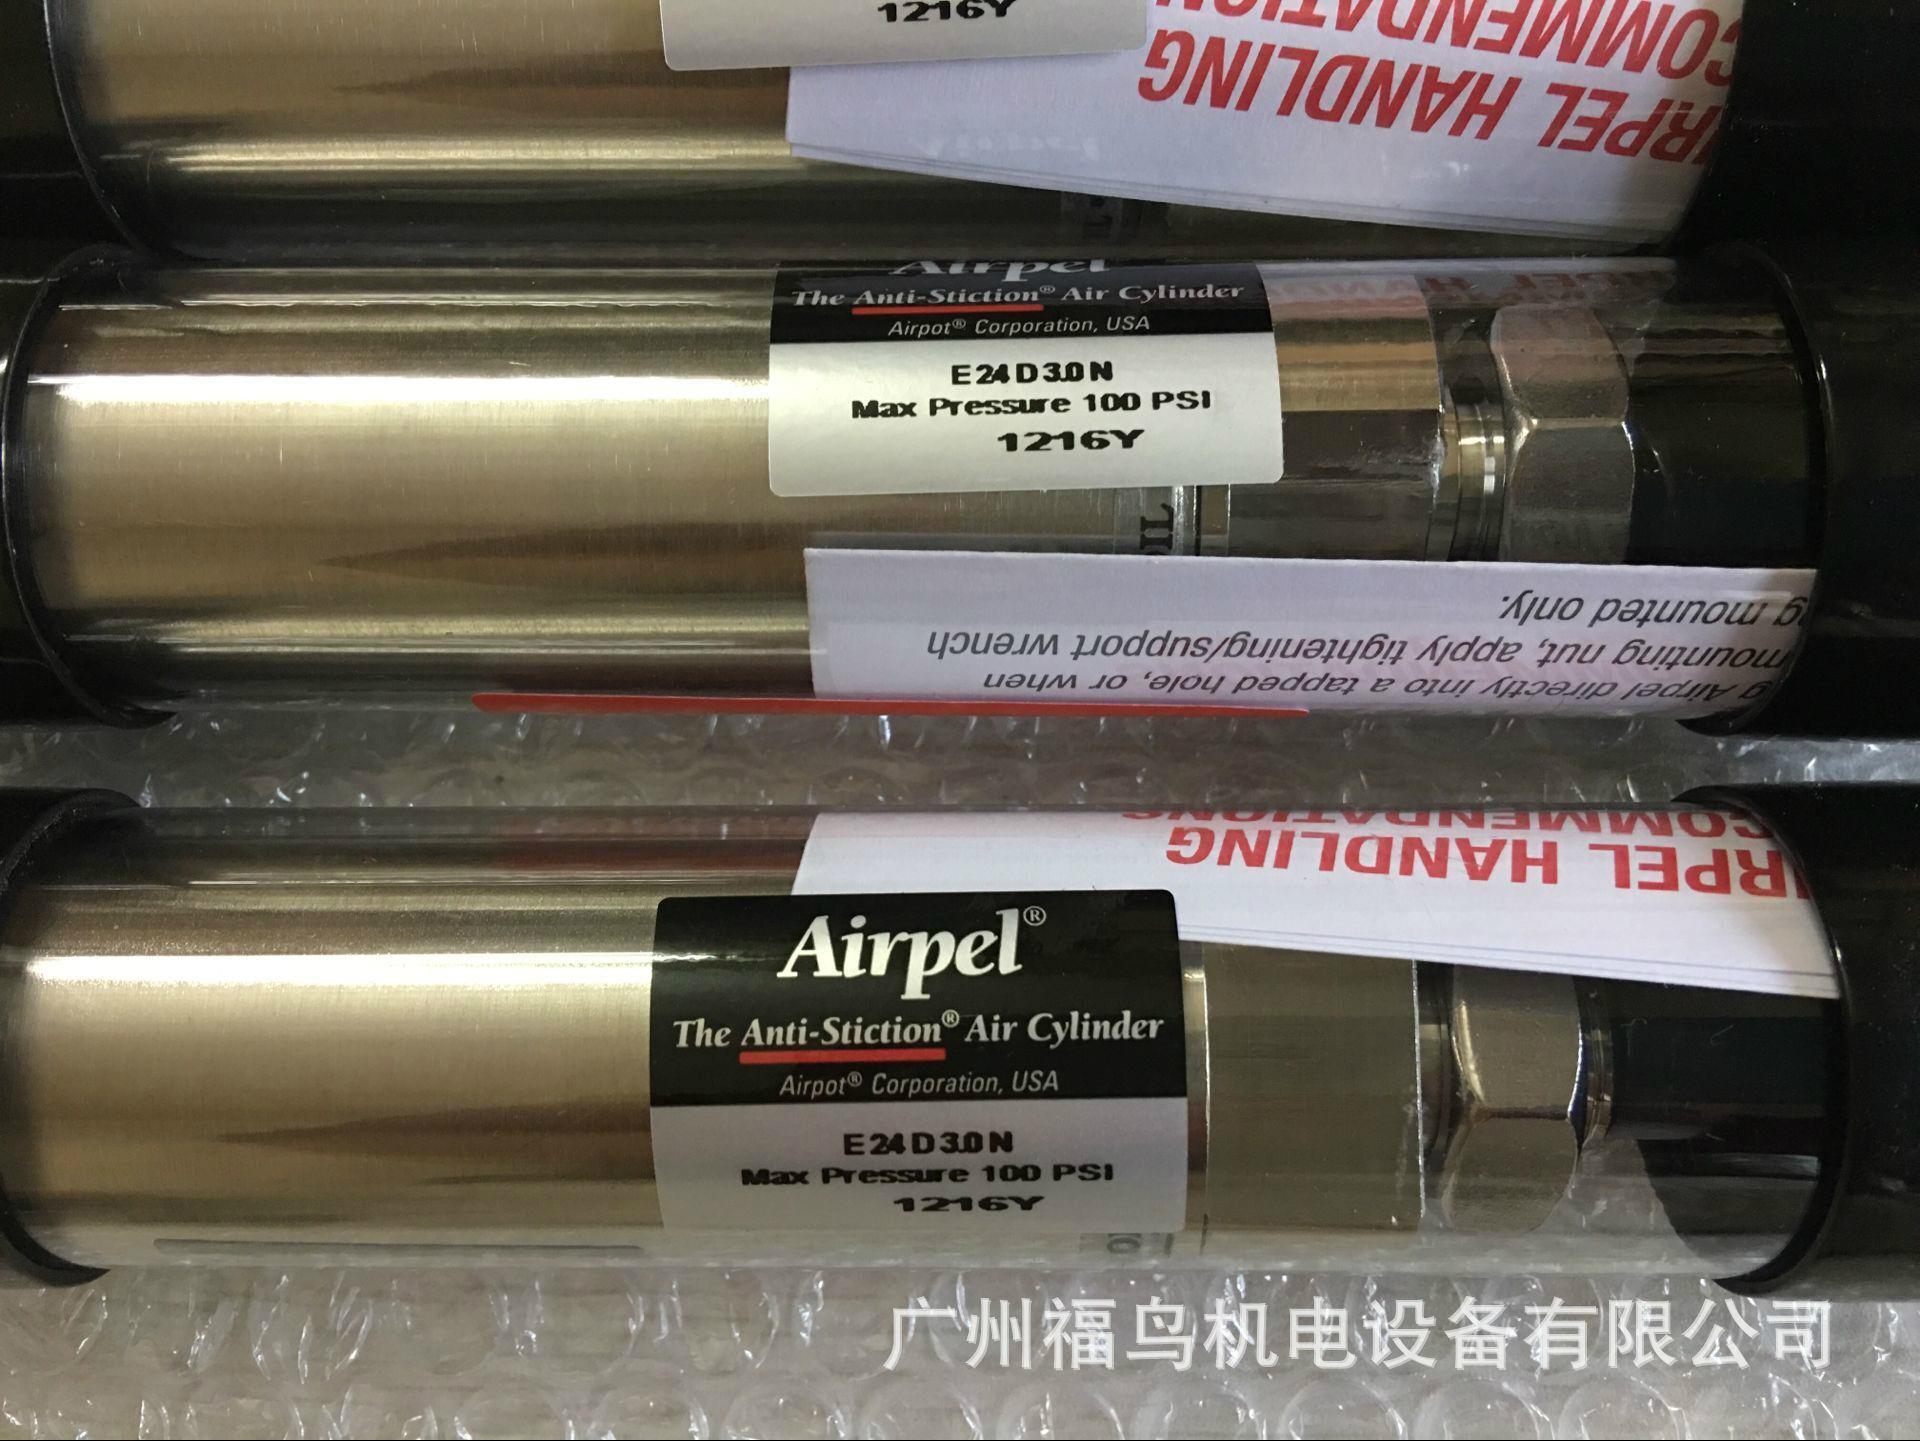 供应AIRPEL/AIRPOT玻璃气缸, 低摩擦气缸(E24D3.0N) 7